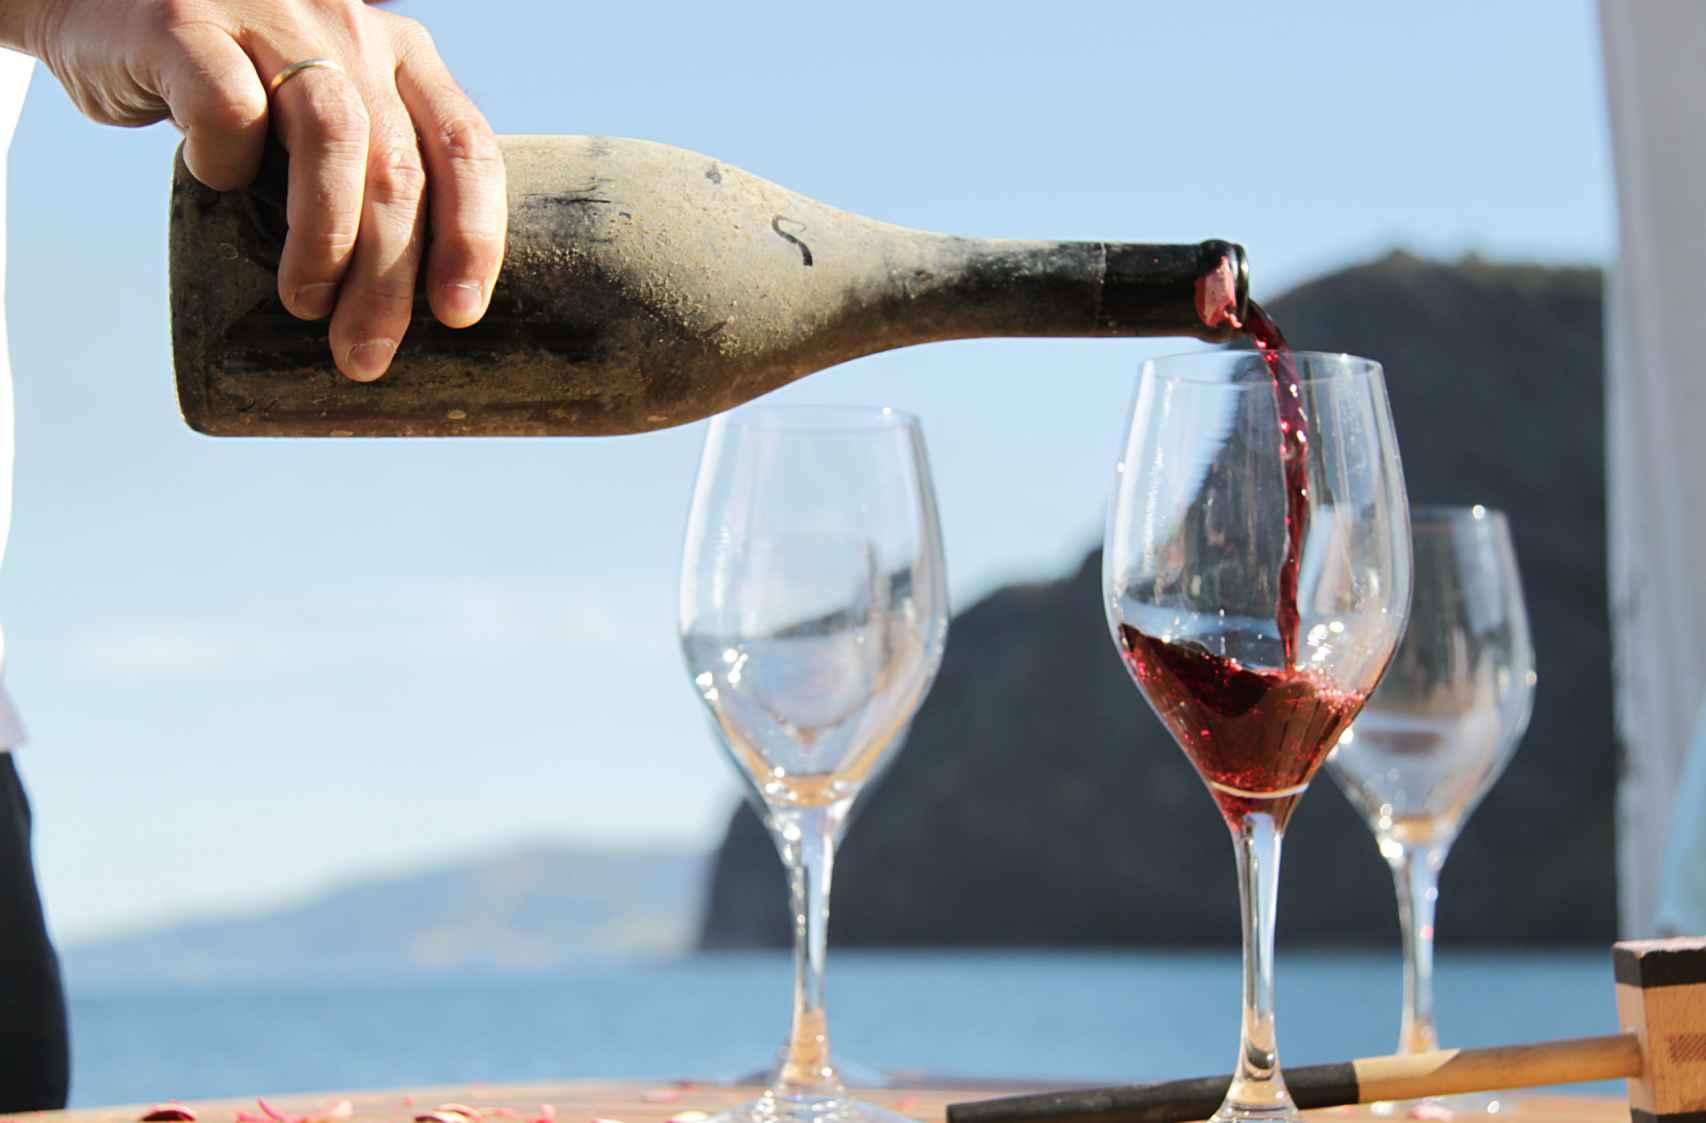 El vino criado bajo el mar tiene matices salinos.